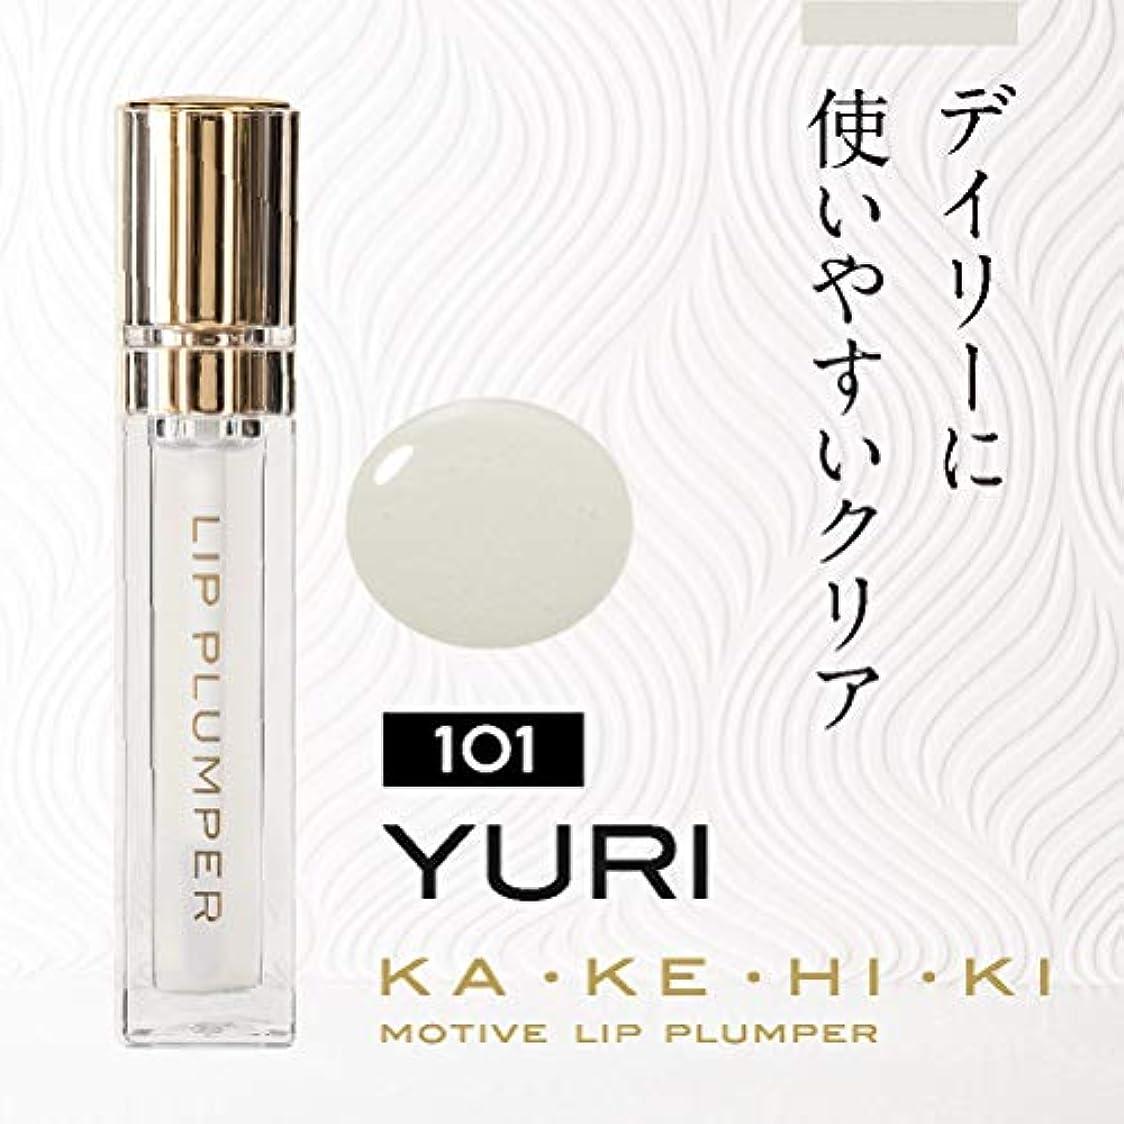 できれば信頼できるとんでもないKAKEHIKI モティブ リッププランパー (101 YURI クリア)